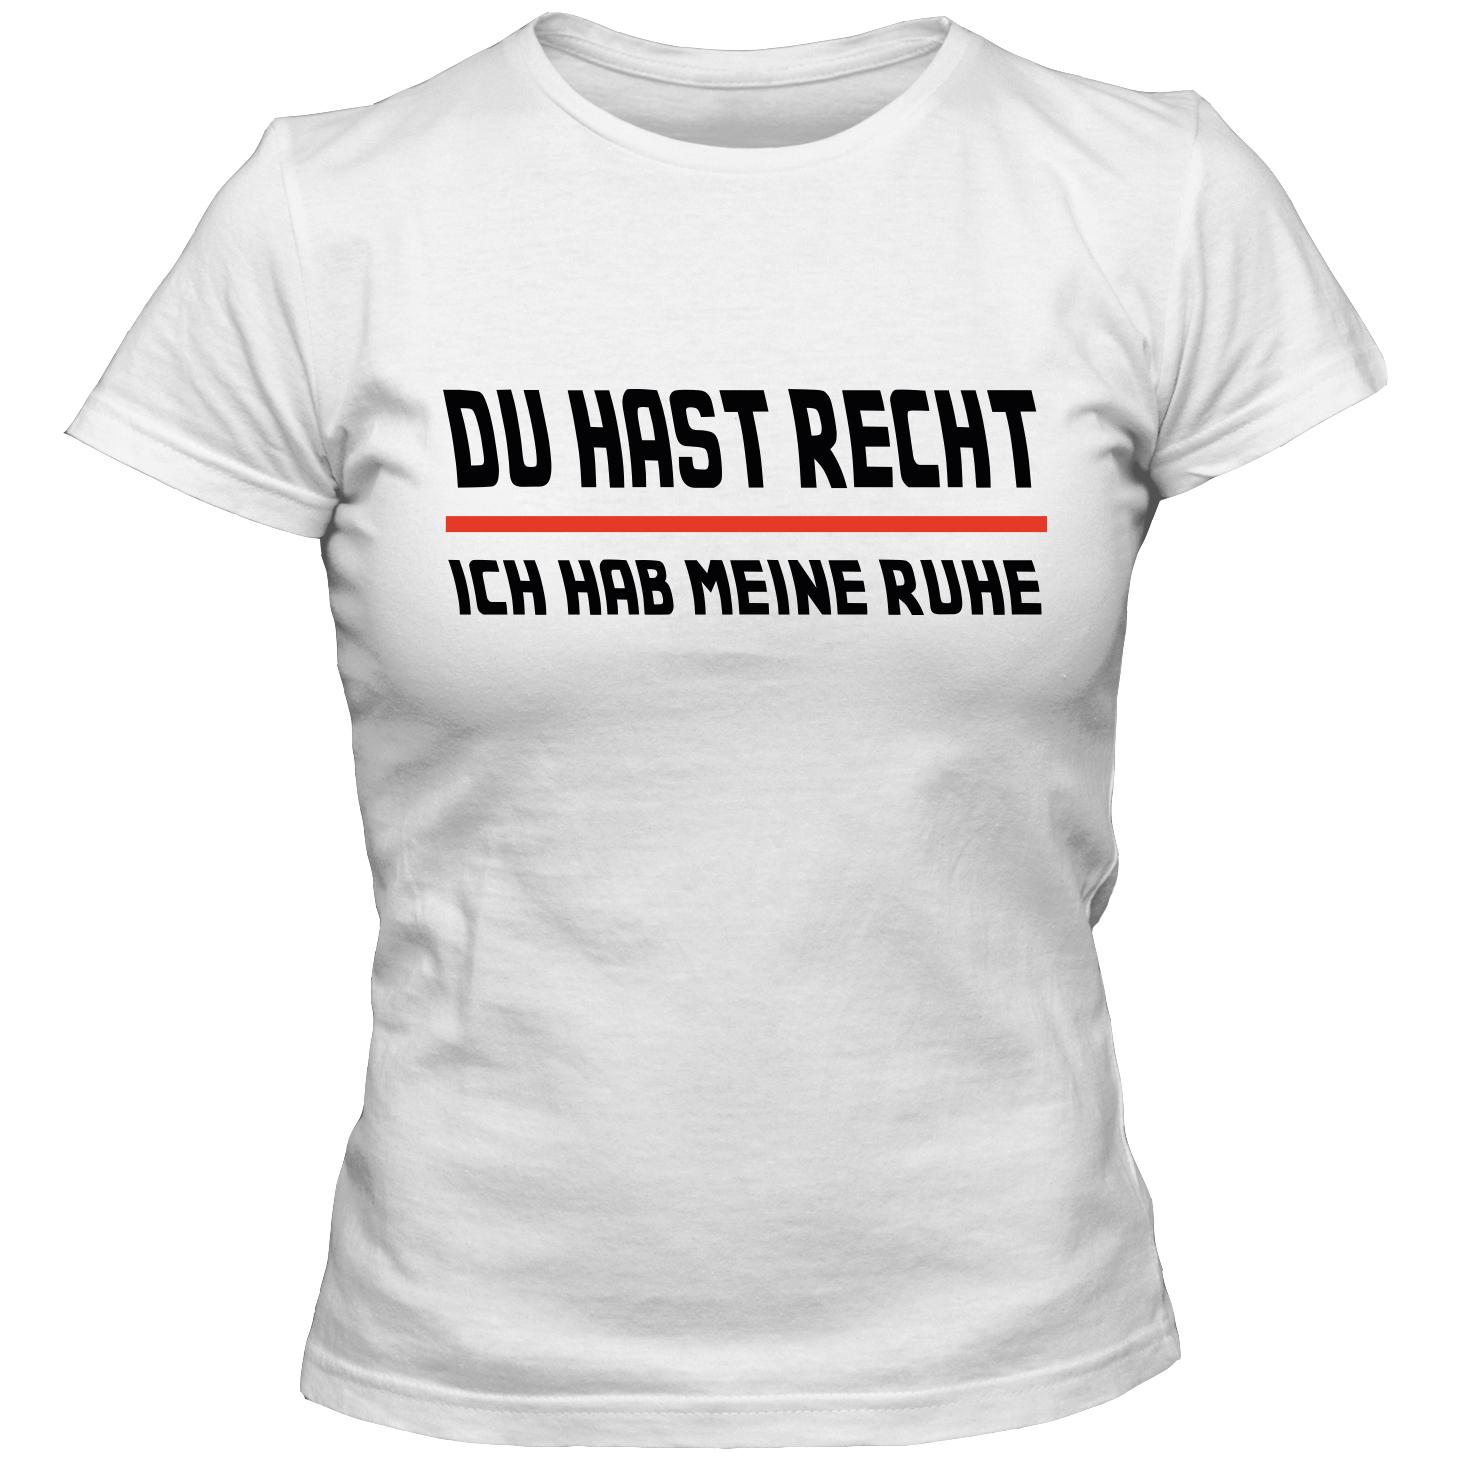 Full Size of Sprüche T Shirt Sport Sprüche T Shirt 40 Geburtstag Festival Sprüche T Shirt Krankenschwester Sprüche T Shirt Küche Sprüche T Shirt